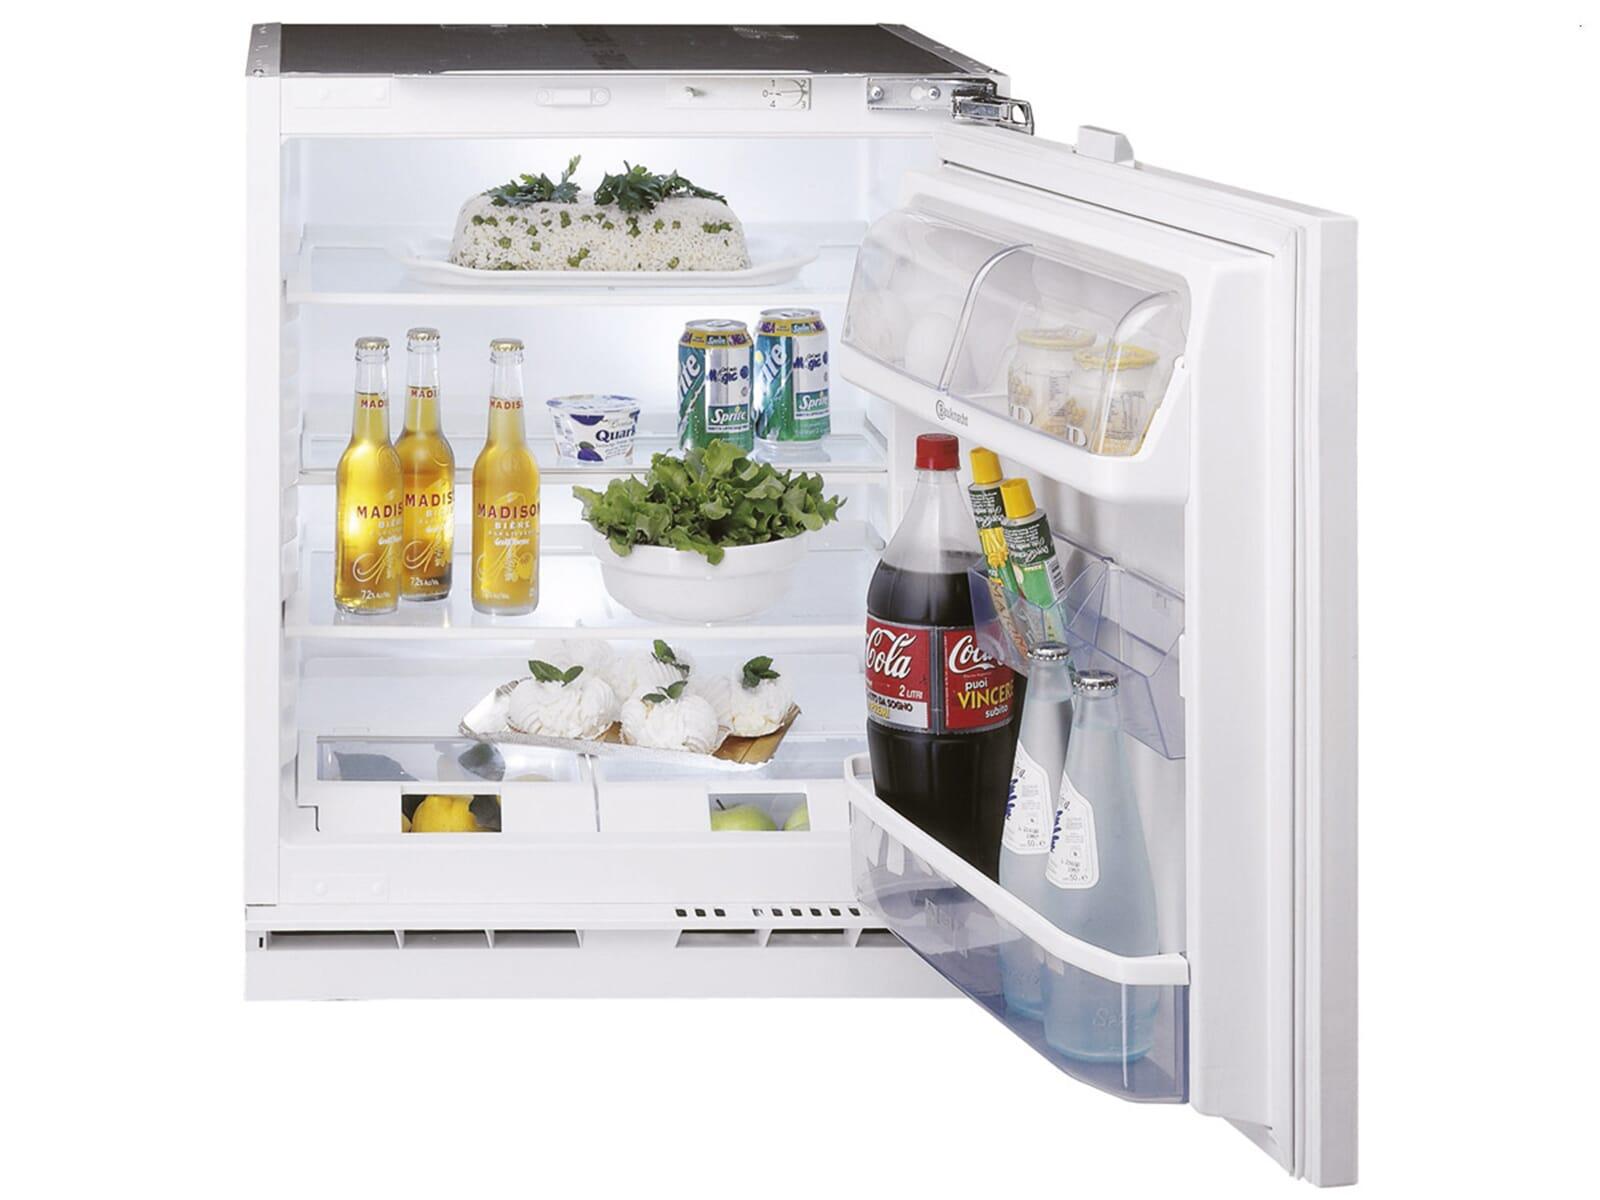 Siemens Unterbau Kühlschrank : Bauknecht uri a unterbaukühlschrank